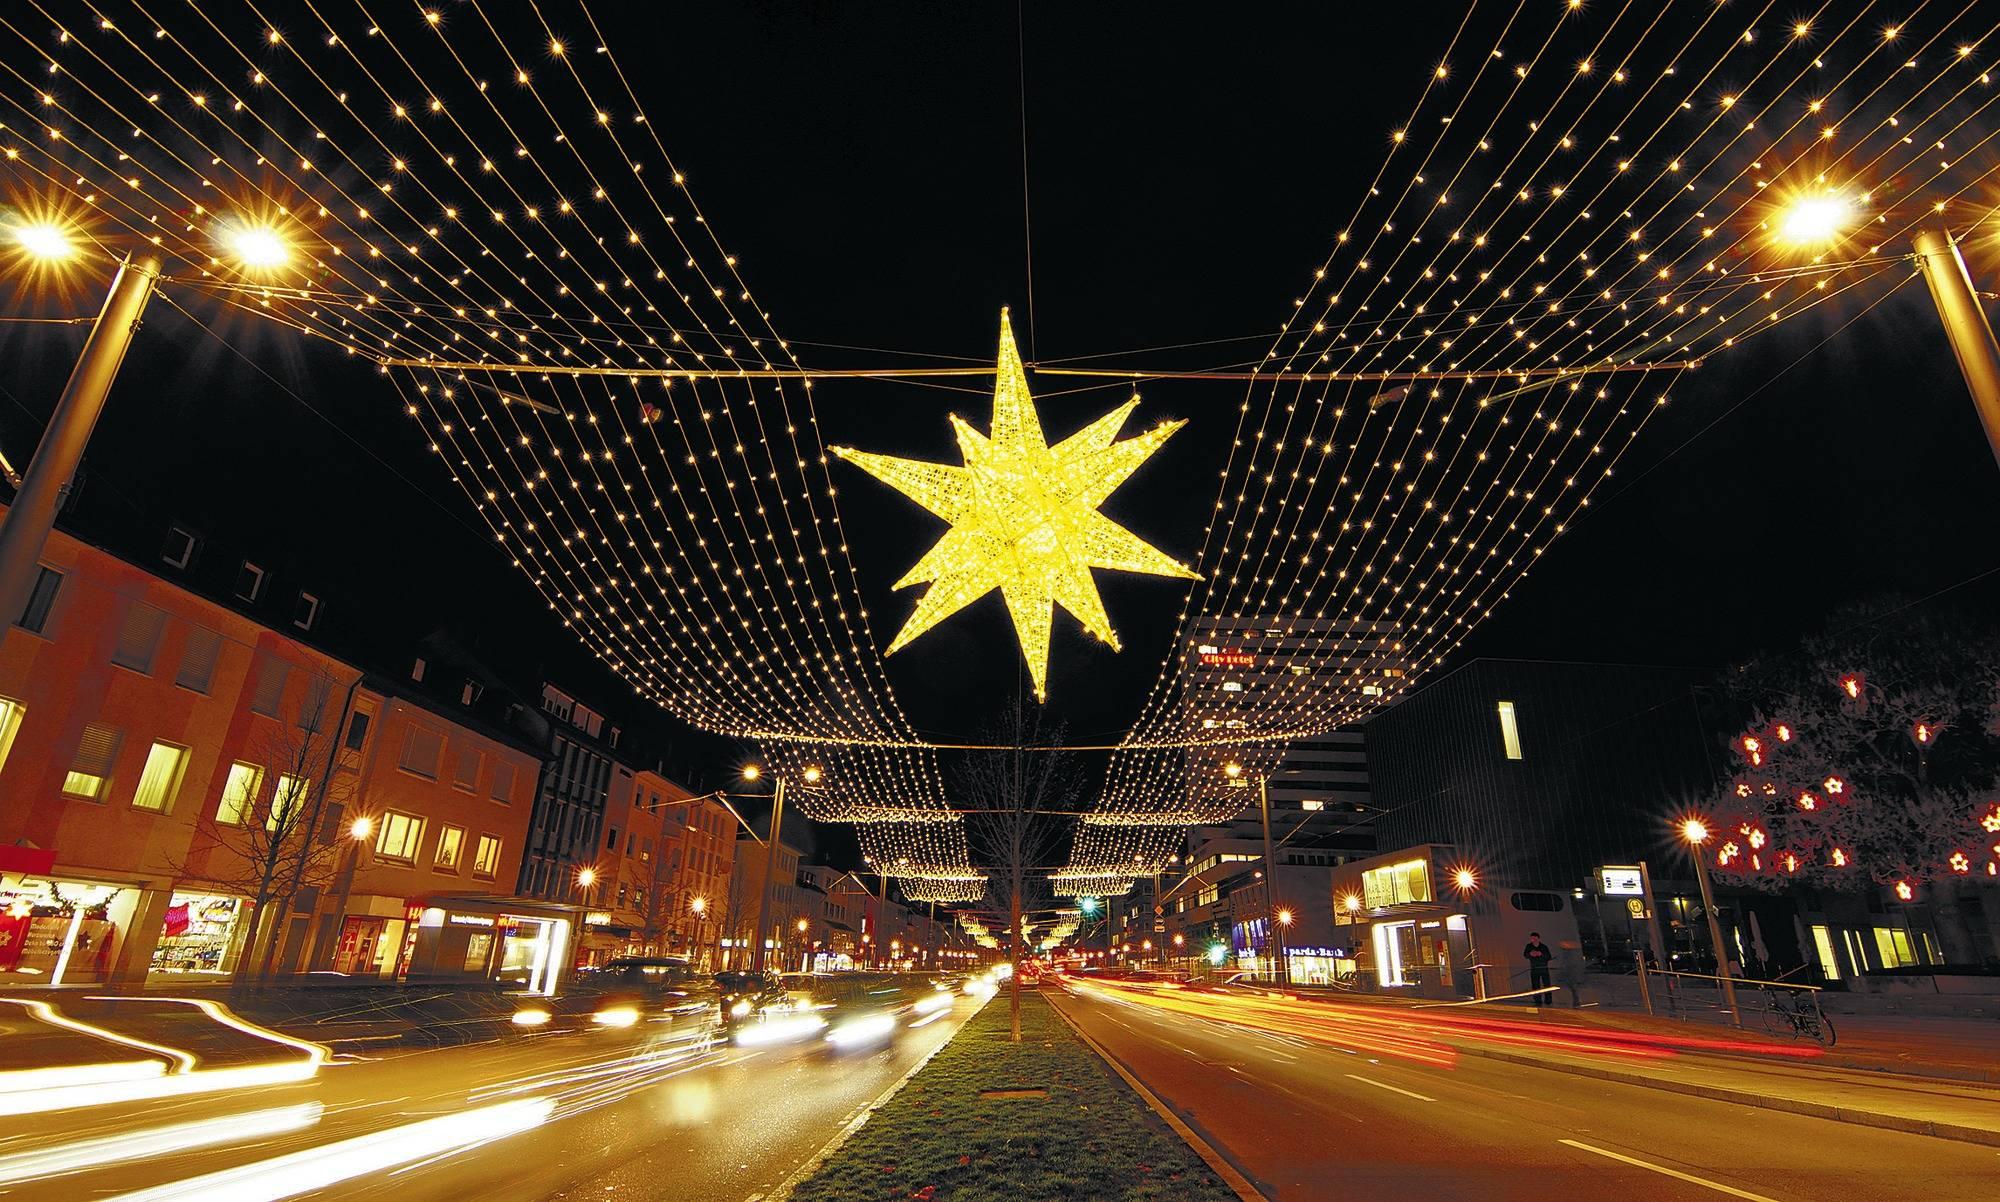 Weihnachtsmarkt Heilbronn.Inzwischen Ist Der Heilbronner Weihnachtsmarkt Fast Ein